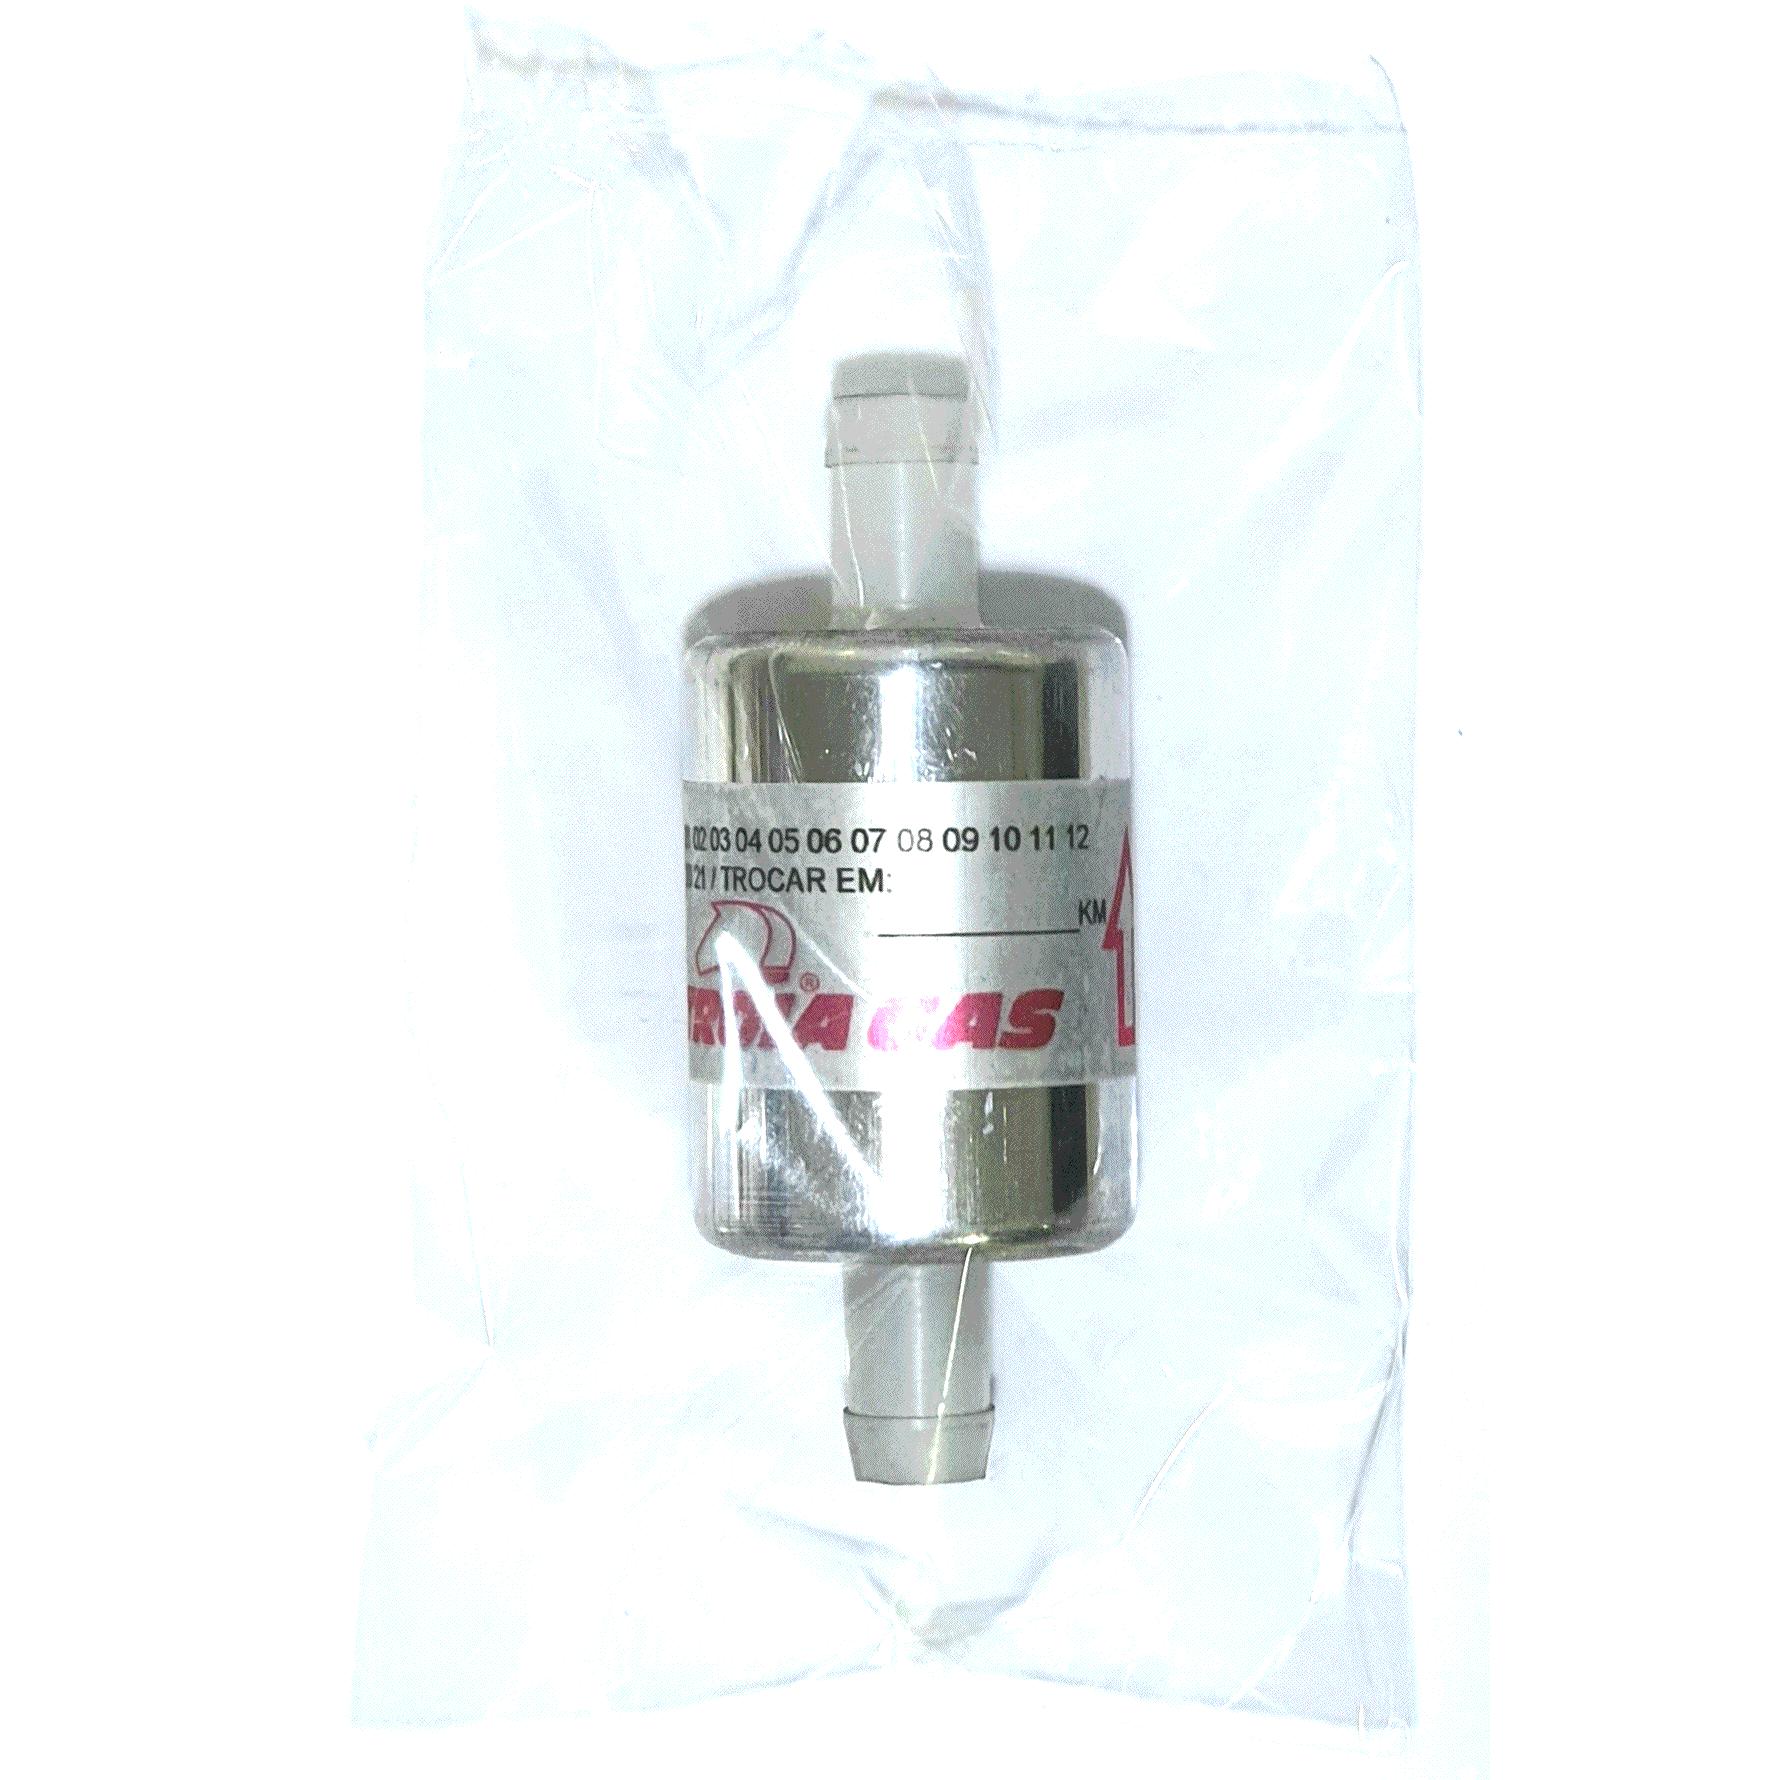 24 Filtros GNV 12 mm TROIAGAS 5ª e 6ª geração GNV protege bicos maioria dos kits